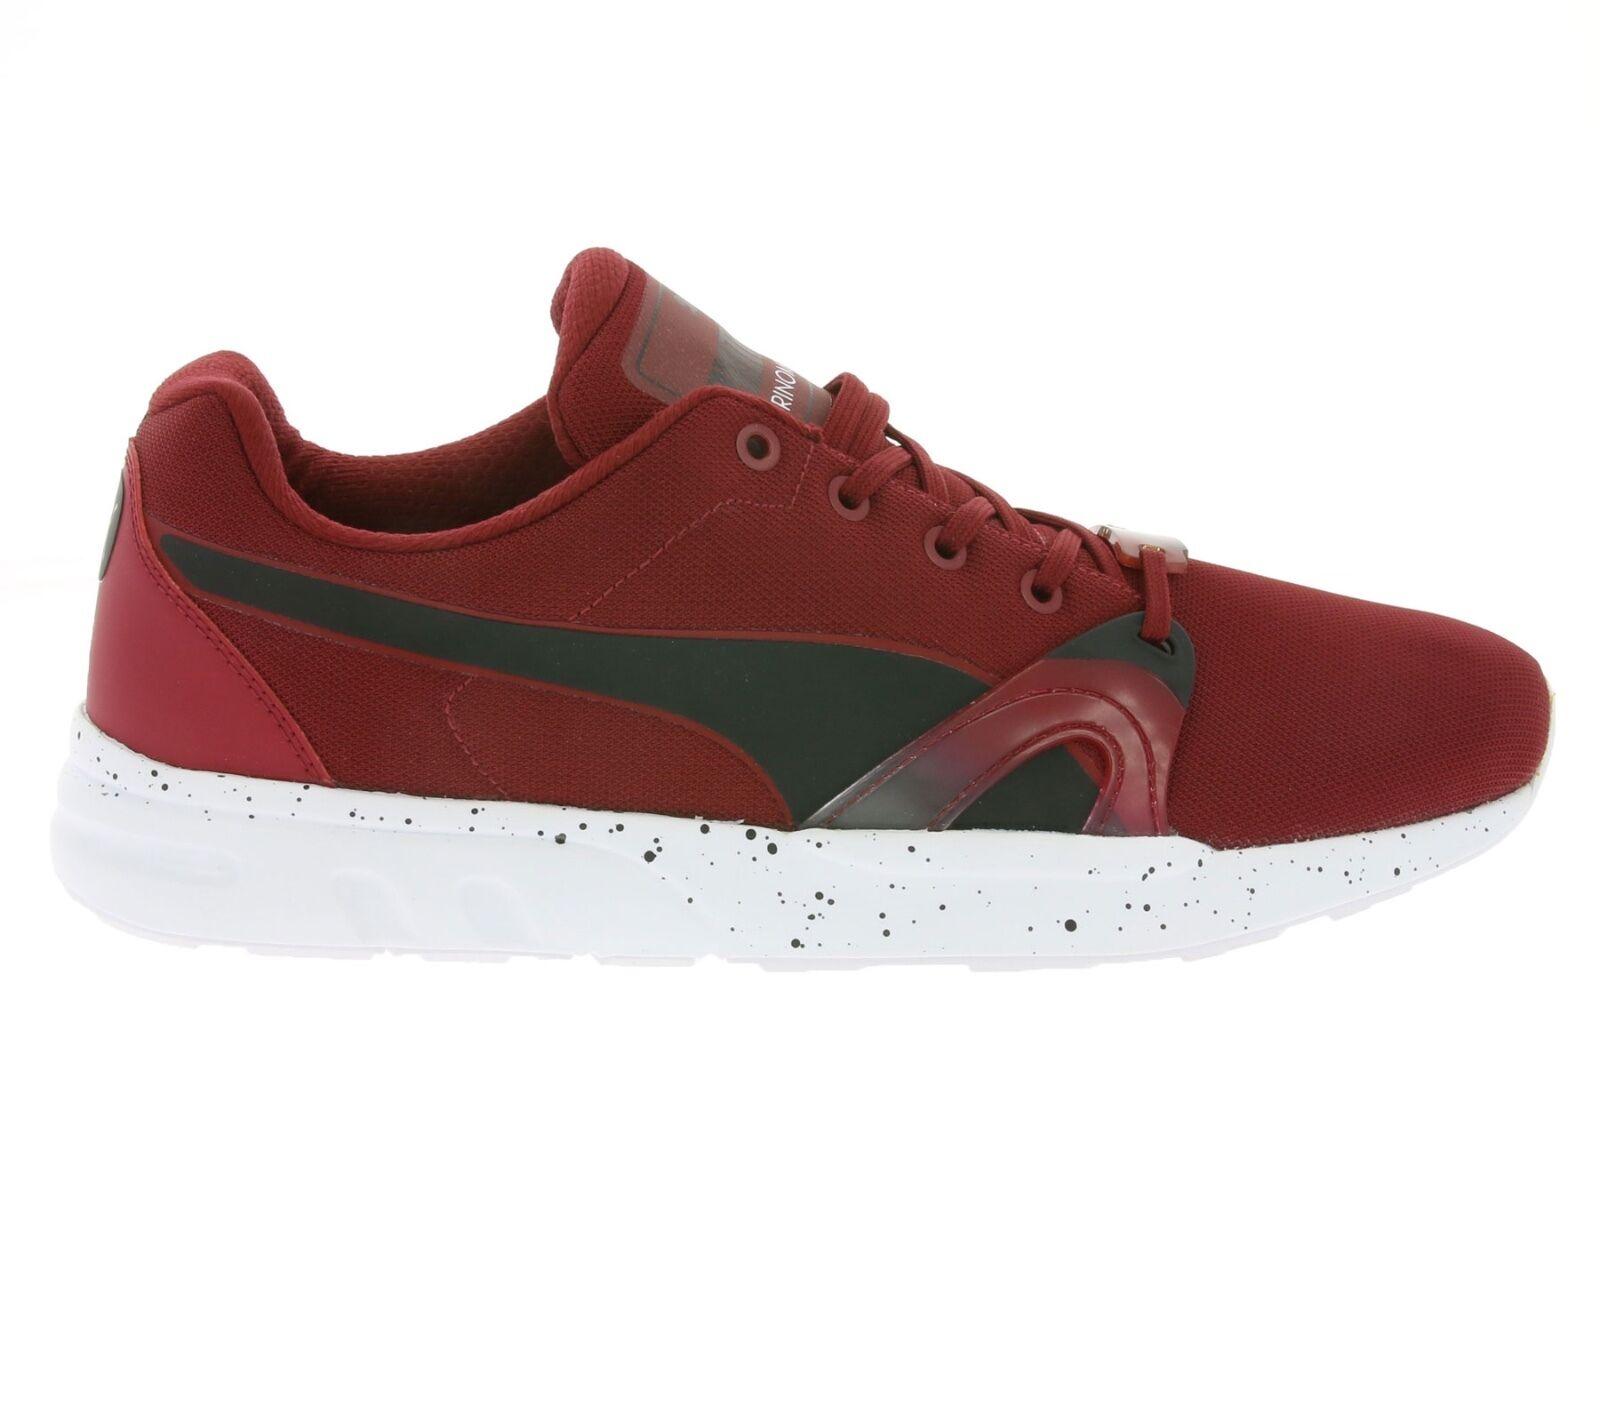 Puma para hombre XT2+ (358821-03) Texturizado Blanco Tenis Zapatos (358821-03) XT2+ a53853